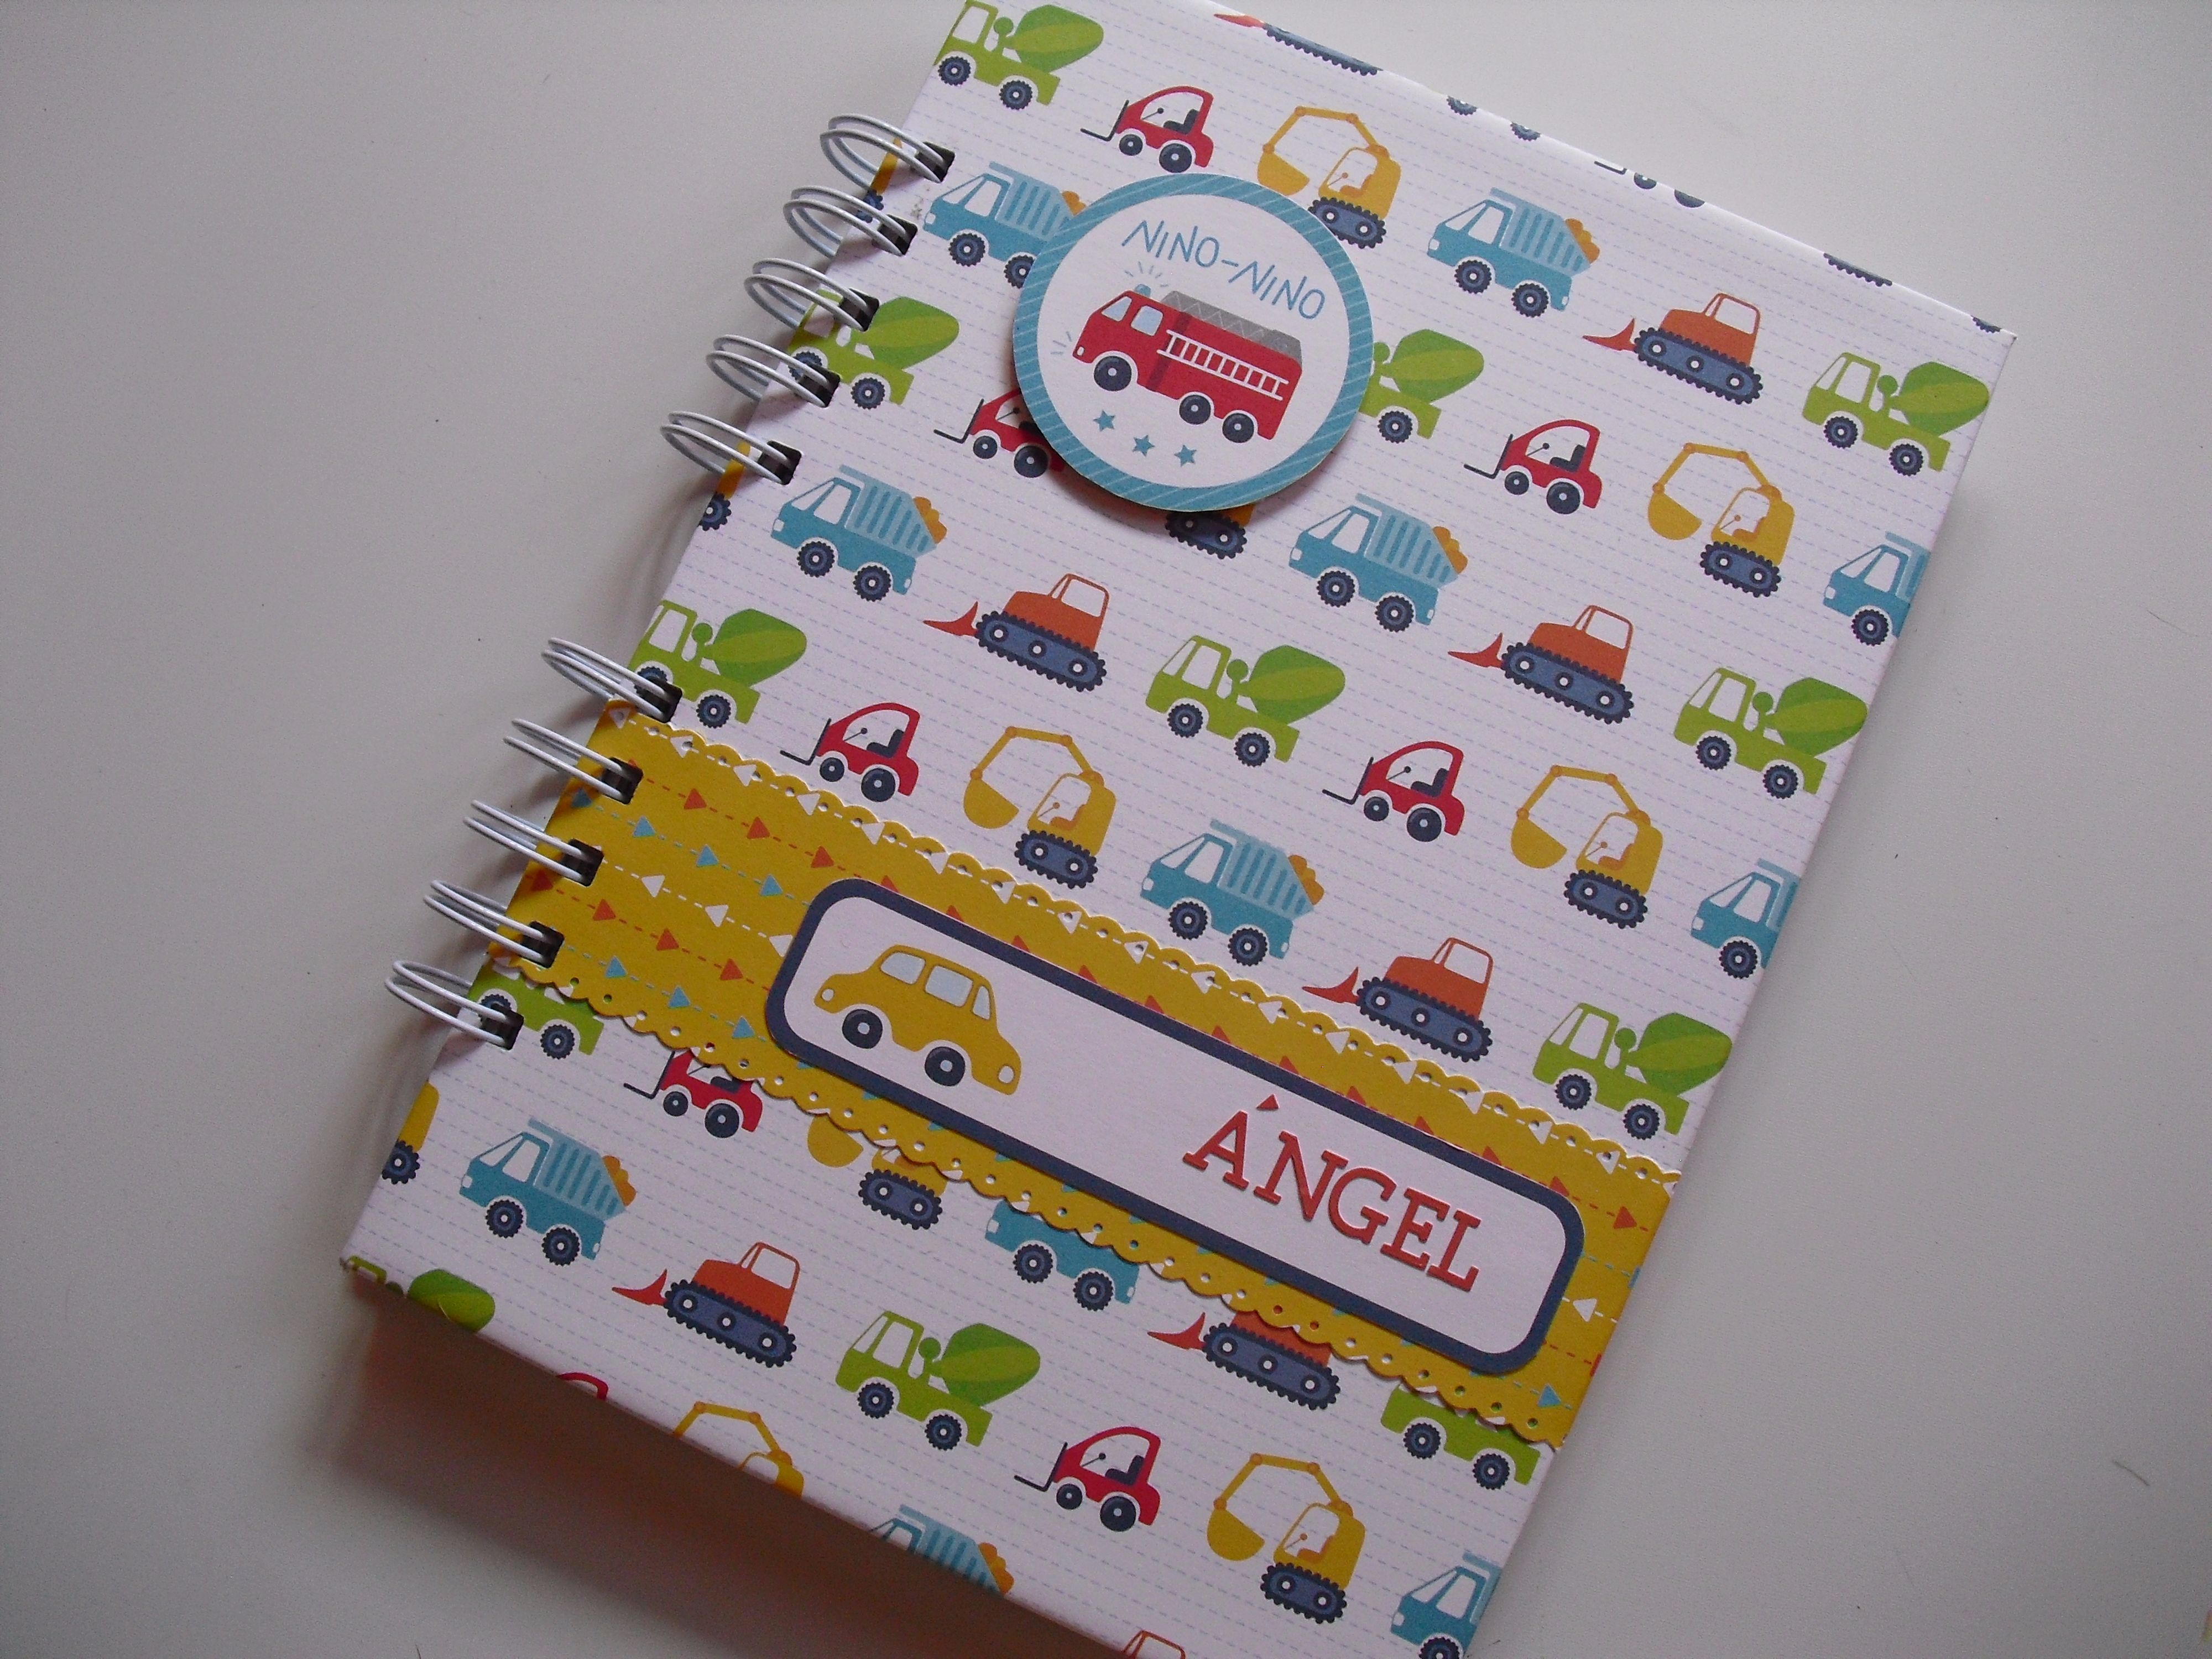 Cuaderno para Ángel sobre ruedas